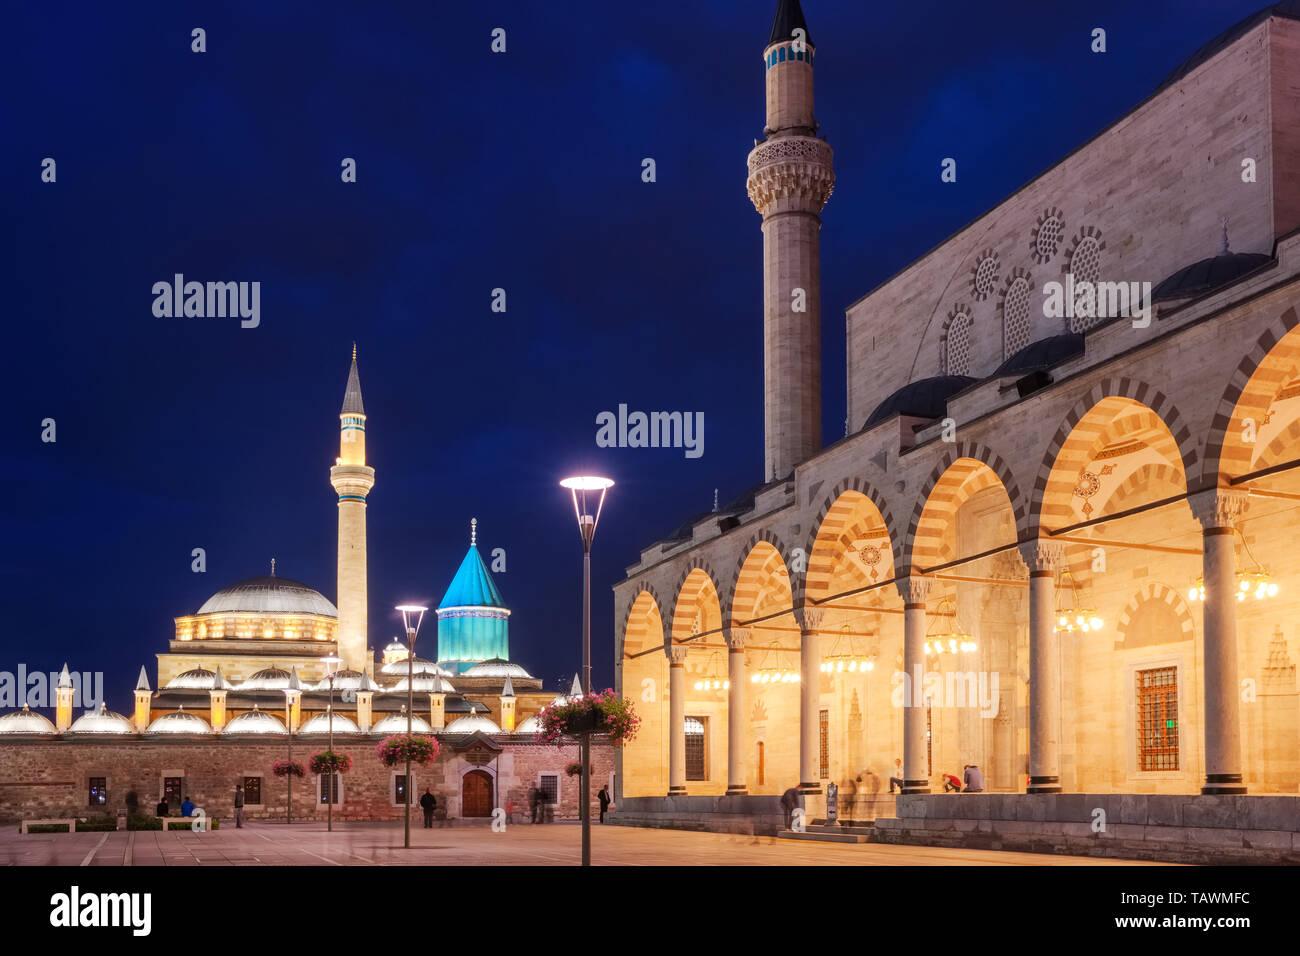 La plaza central del casco antiguo de la ciudad de Konya, en la noche, Turquía Foto de stock